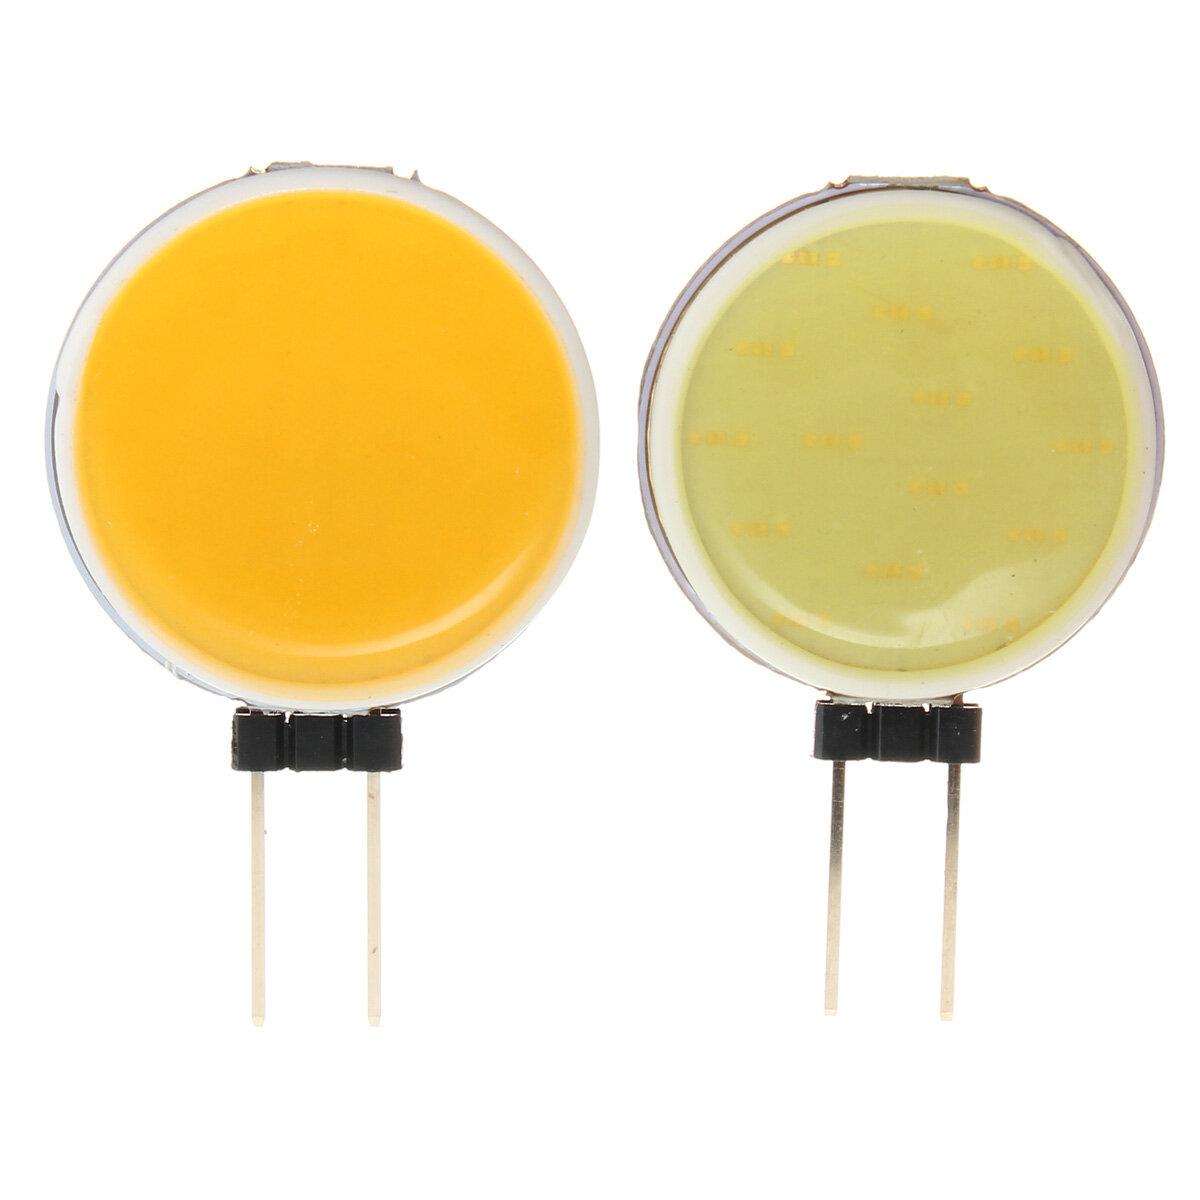 G4 2W 15COB LED Warmwhite/White for Crystal Lamp LED Spot Lightt Light Bulb Lamp AC/DC12V